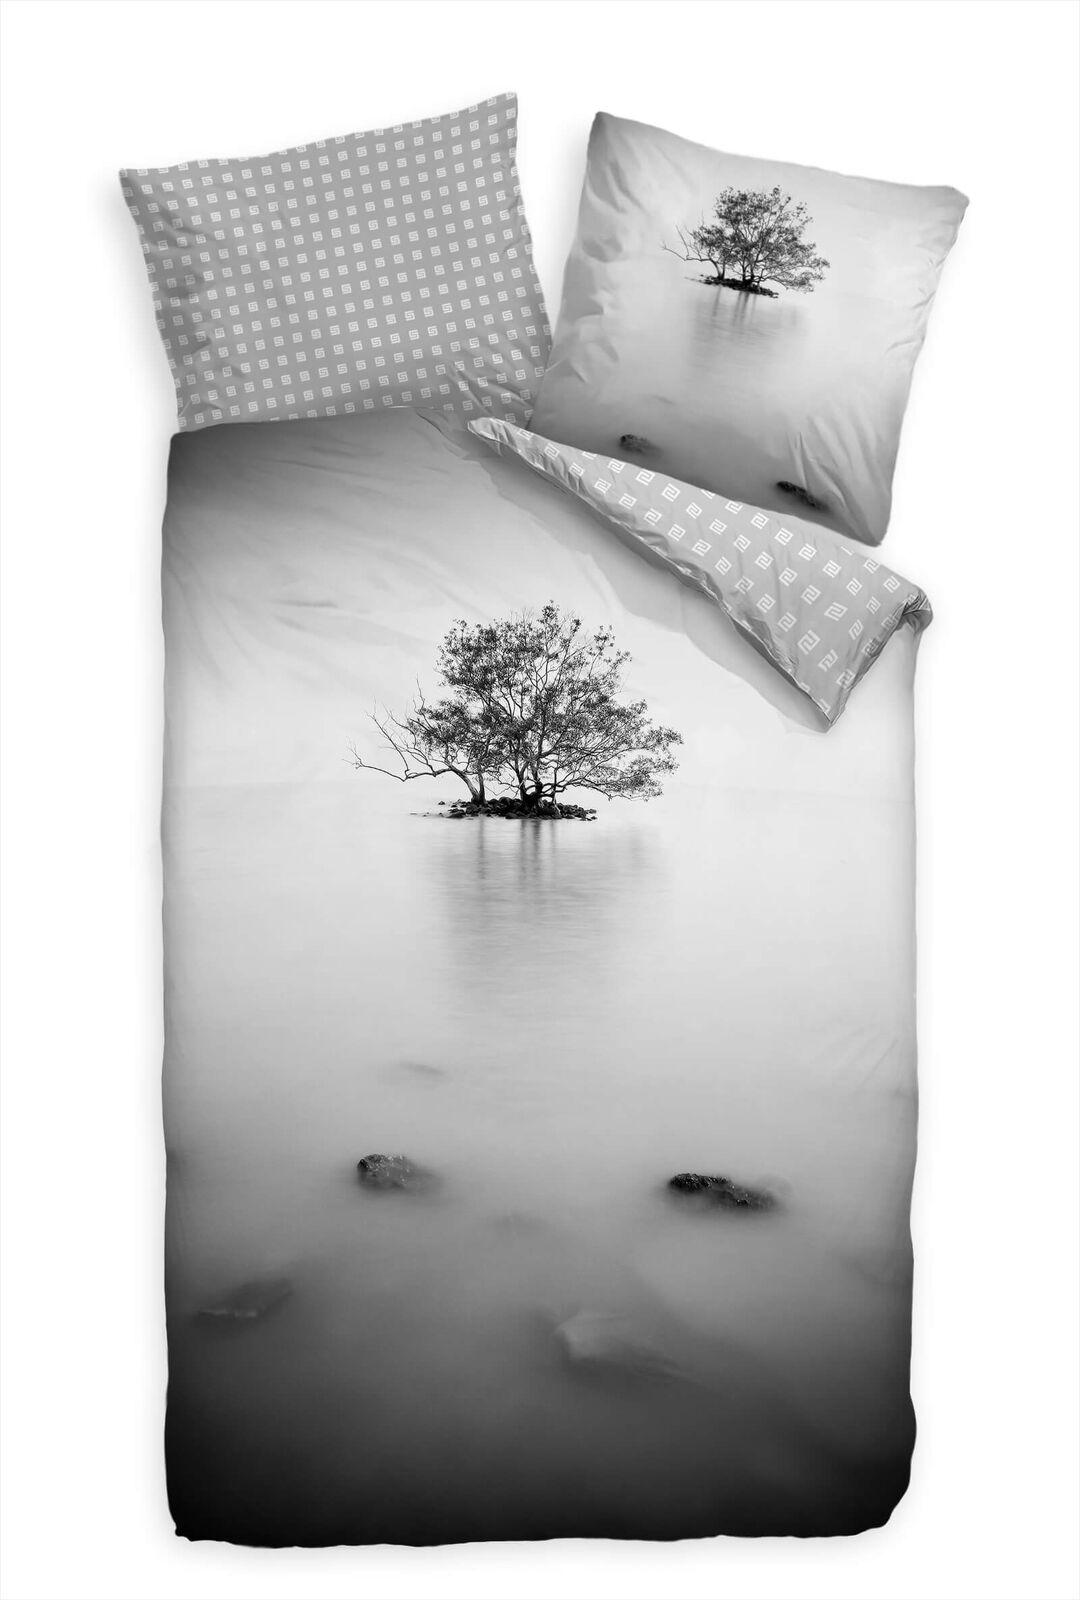 Baum Schwarzweiss Insel  Bettwäsche Set 135x200 cm + 80x80cm  Atmungsaktiv